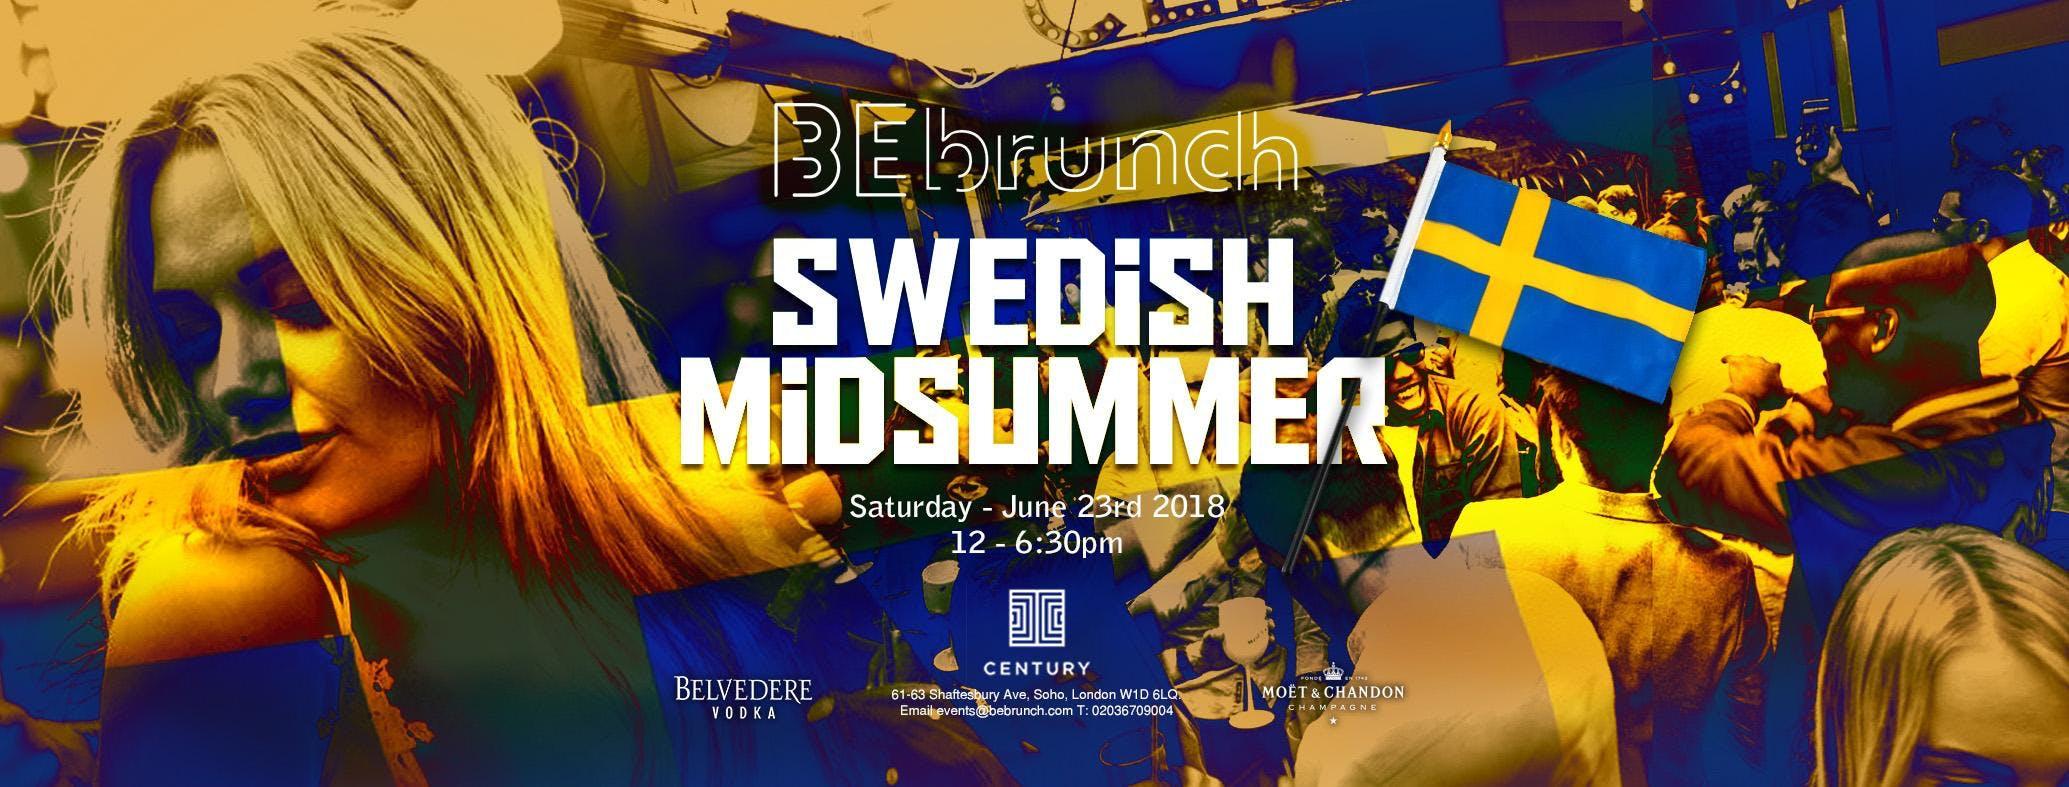 BEbrunch Swedish Midsummer Party Century Club Sat 23rd June